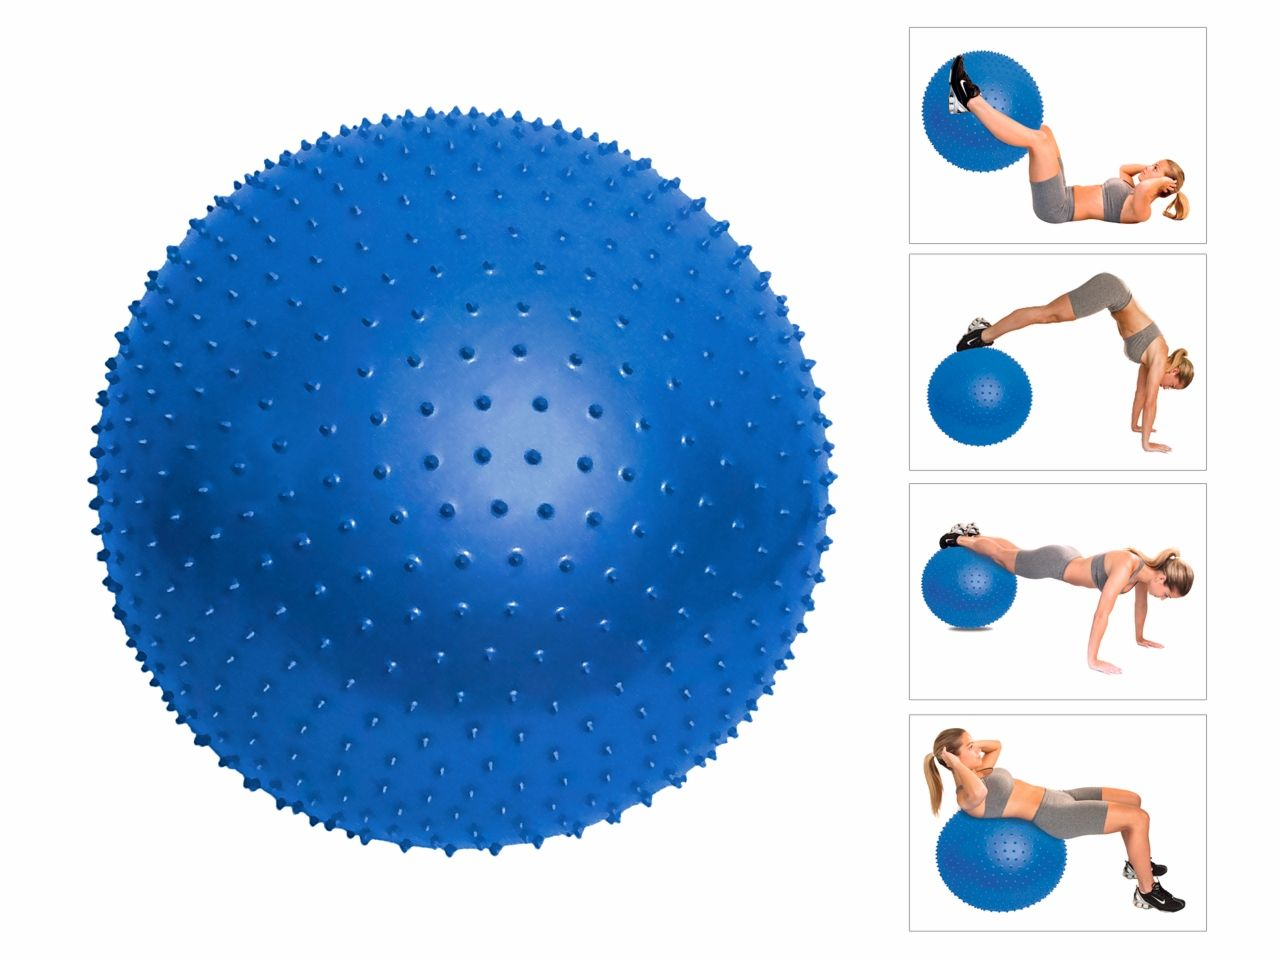 Bola de Massagem - 65cm - Com Bomba de Ar - ISP Saúde.com.br 9c3e8e04d4264